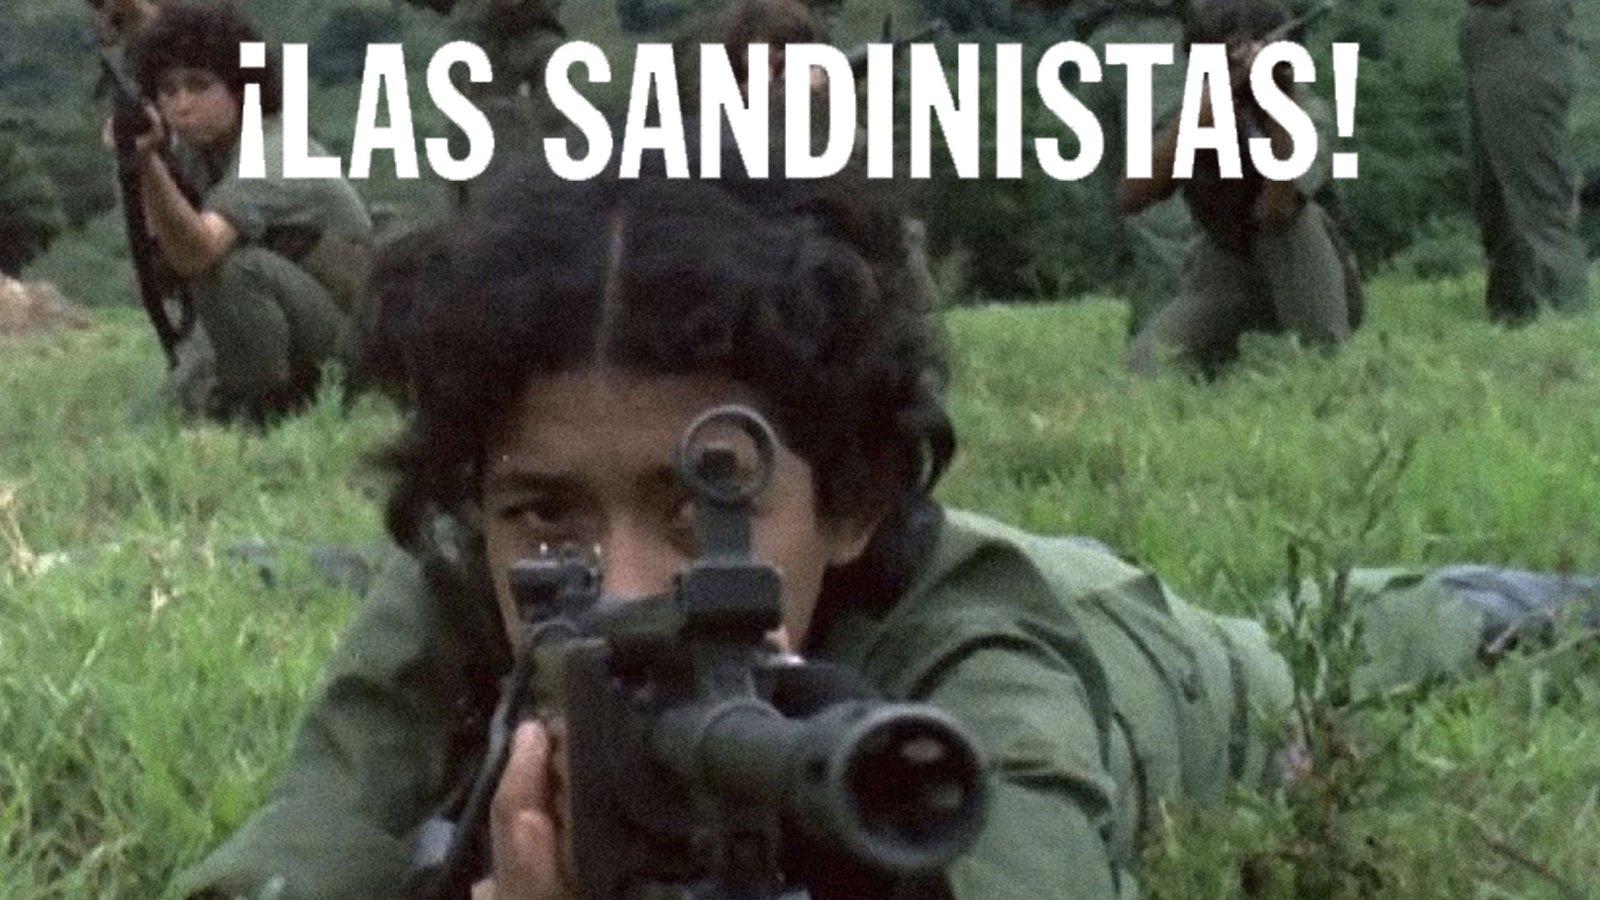 Las Sandinistas